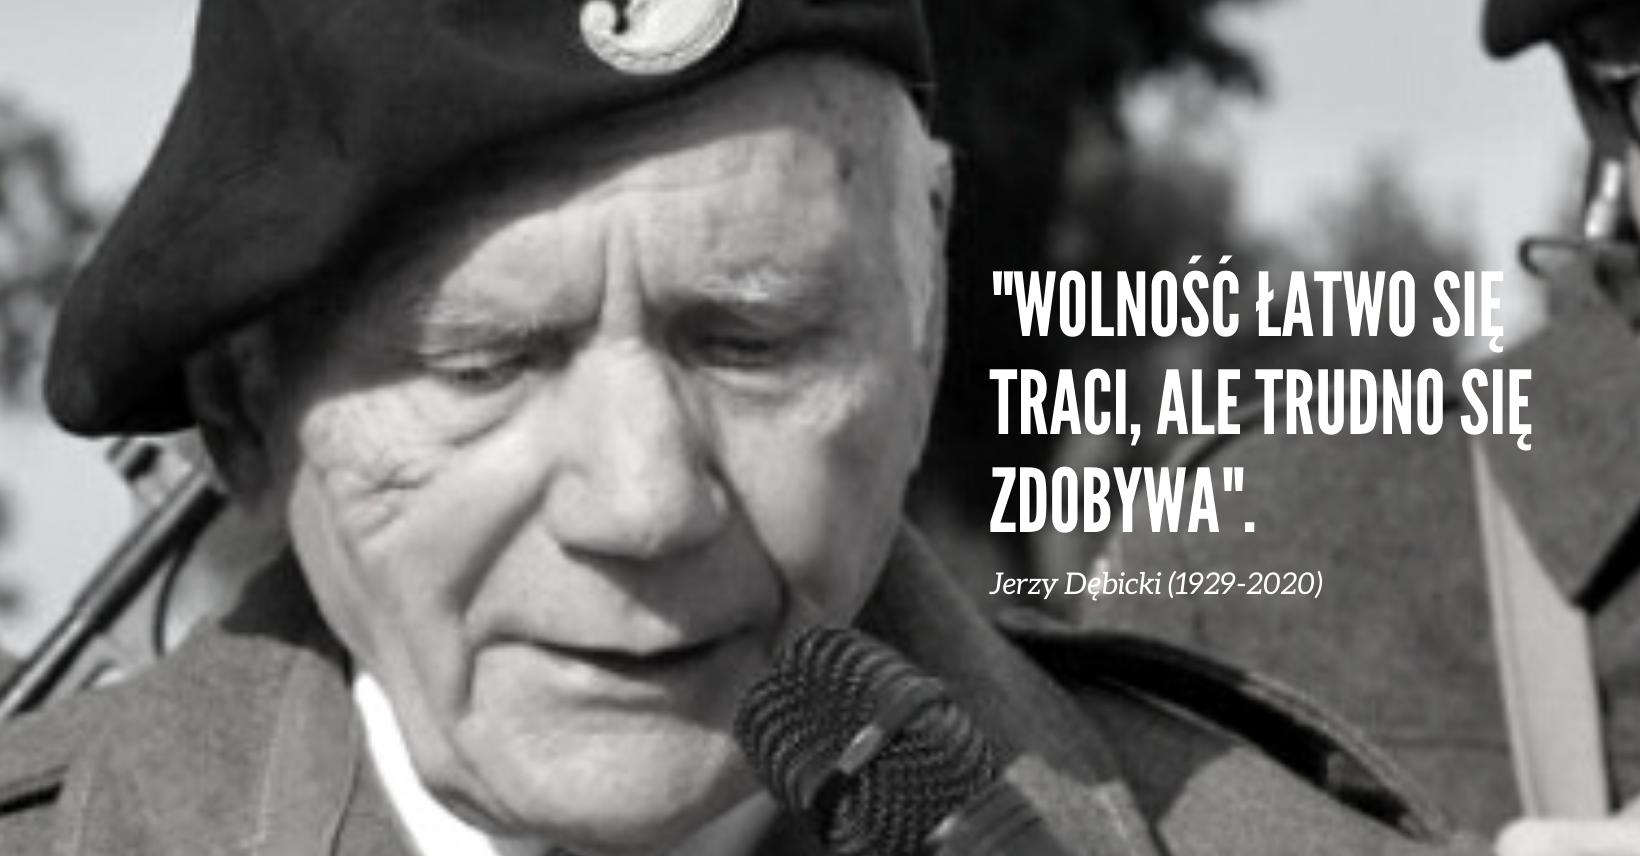 Jutro pogrzeb śp. Jerzego Dębickiego. Będzie honorowa asysta wojskowa - Zdjęcie główne